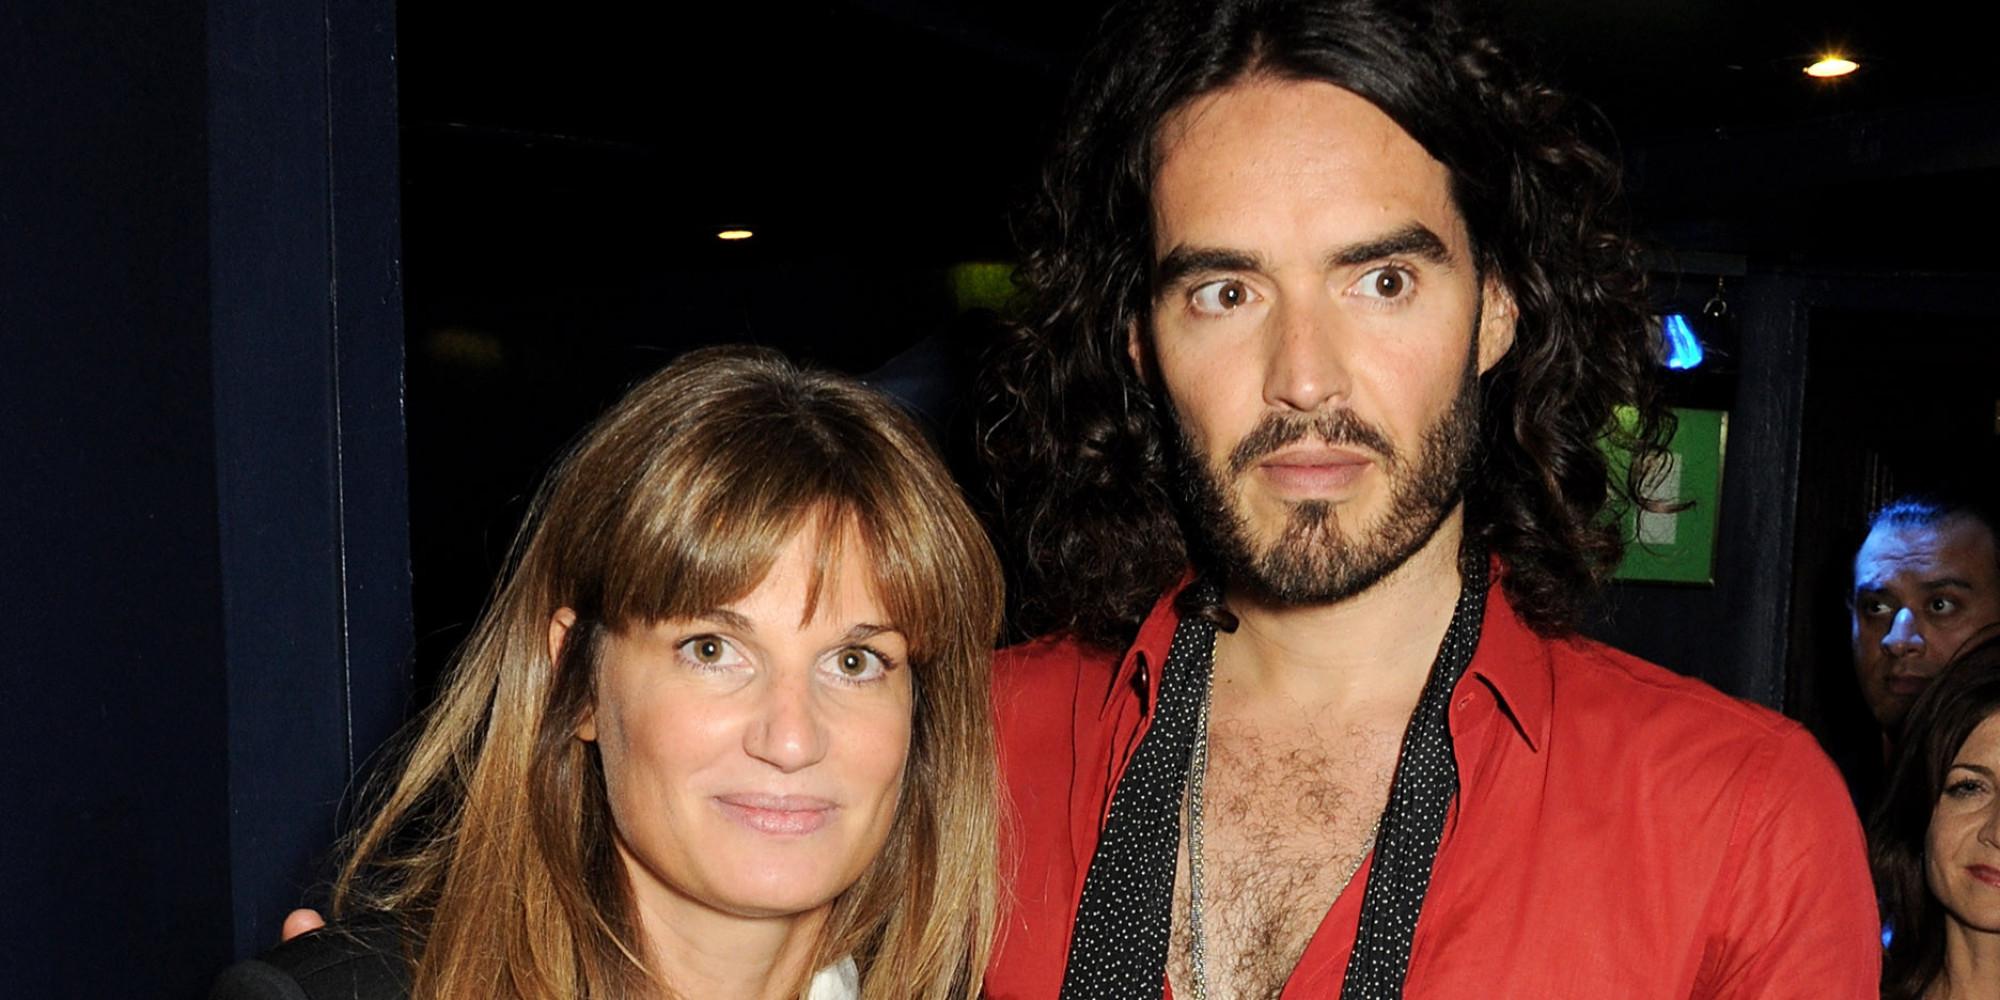 Erst tausende Frauen, jetzt nur noch eine? Russell Brand und Jemima Khan c/o huffingtonpost.co.uk